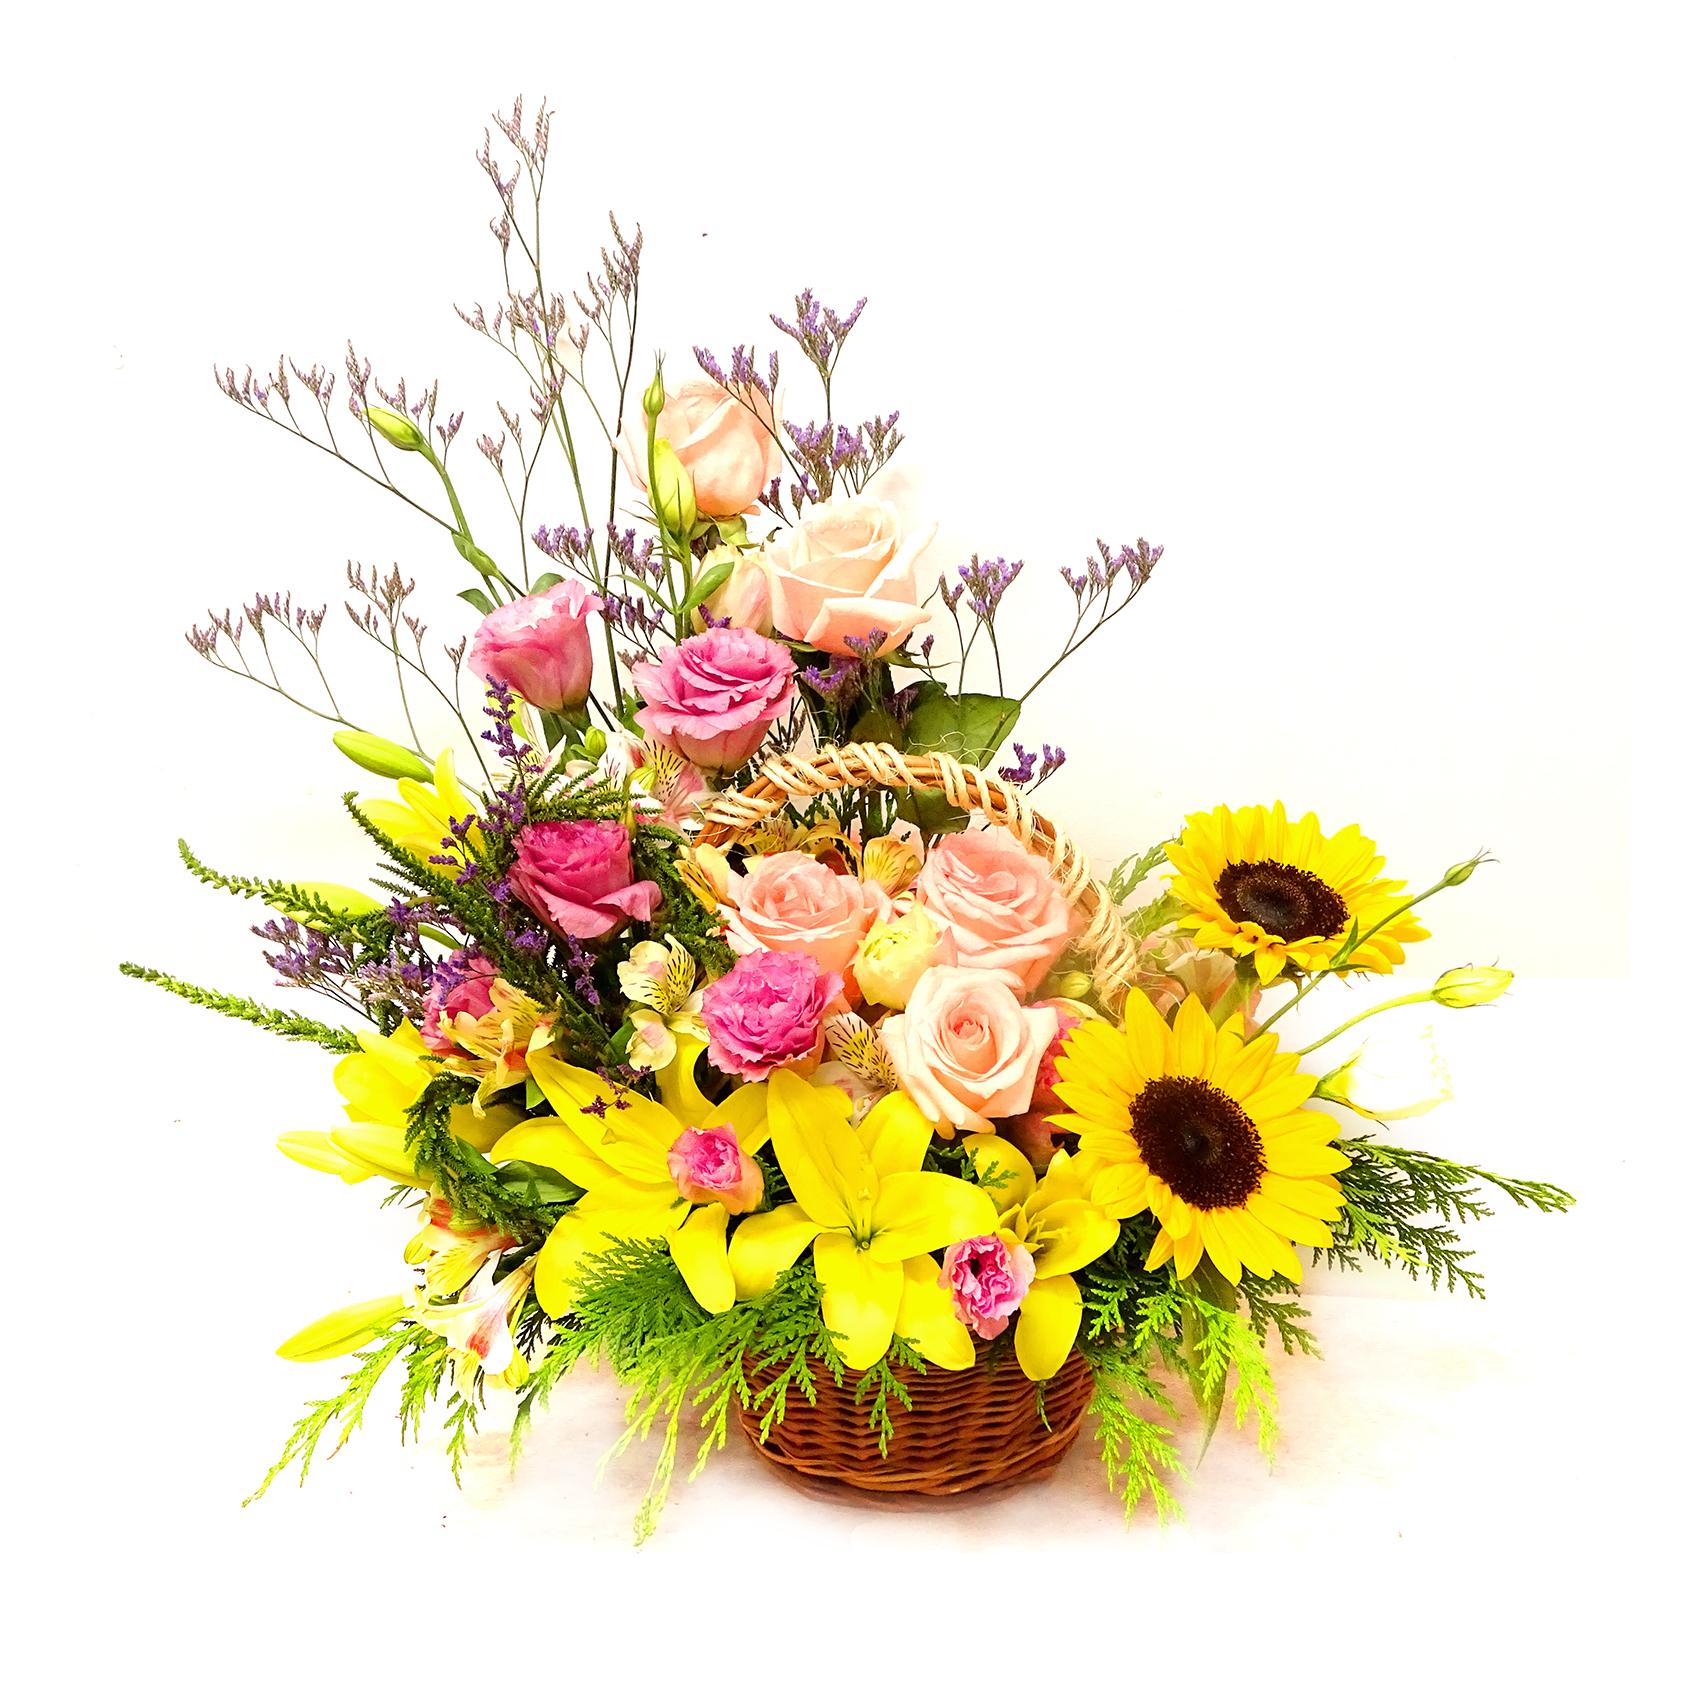 Canastillos con Girasoles, Lilium, Rosas, Lisianthus y Alstromerias